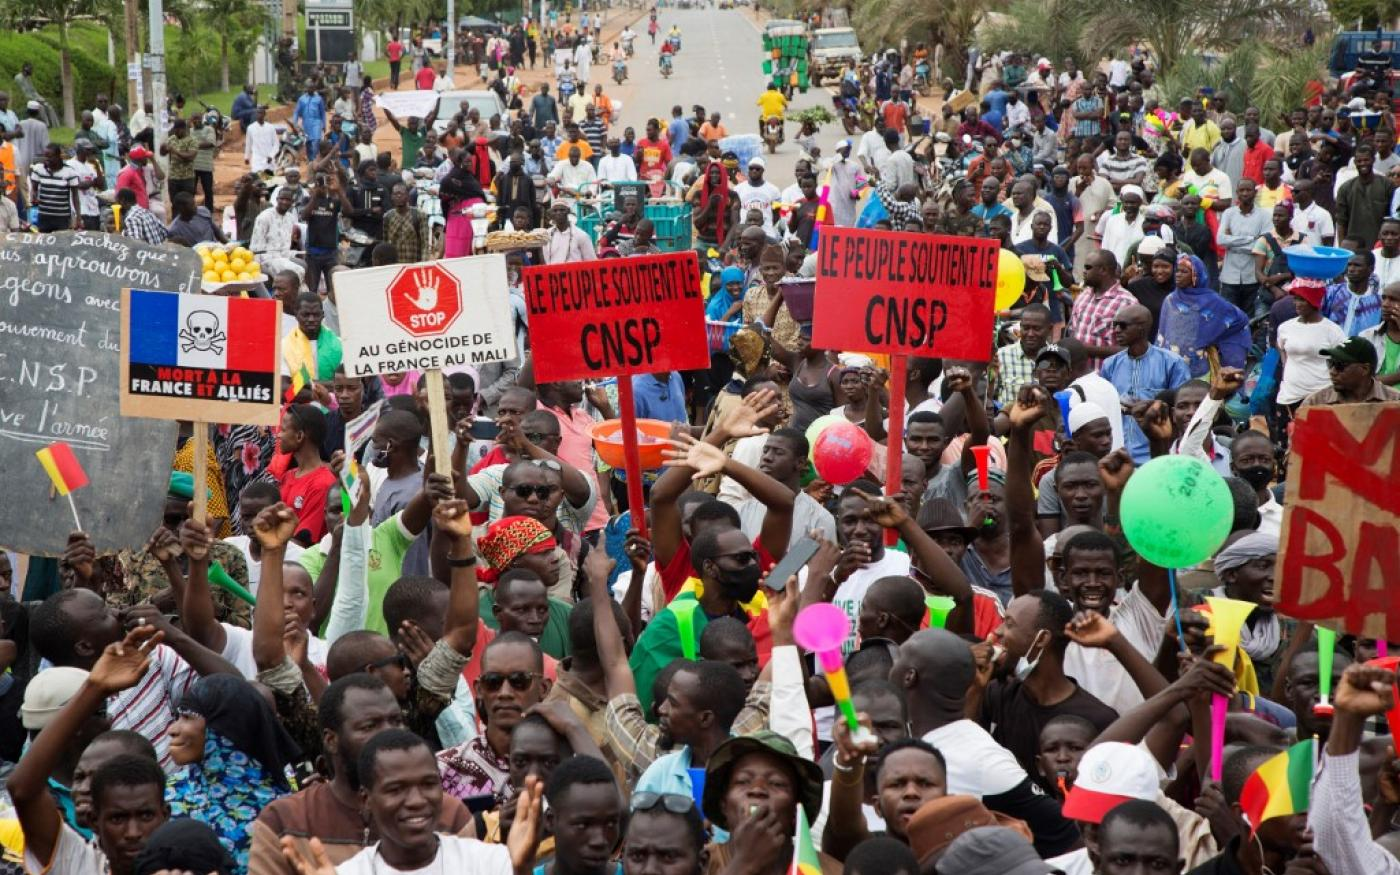 Manifestation de soutien à l'armée malienne après le coup d'État dans laquelle apparaissent des pancartes antifrançaises, à Bamako, le 21 août 2020 (AFP/Annie Risemberg)